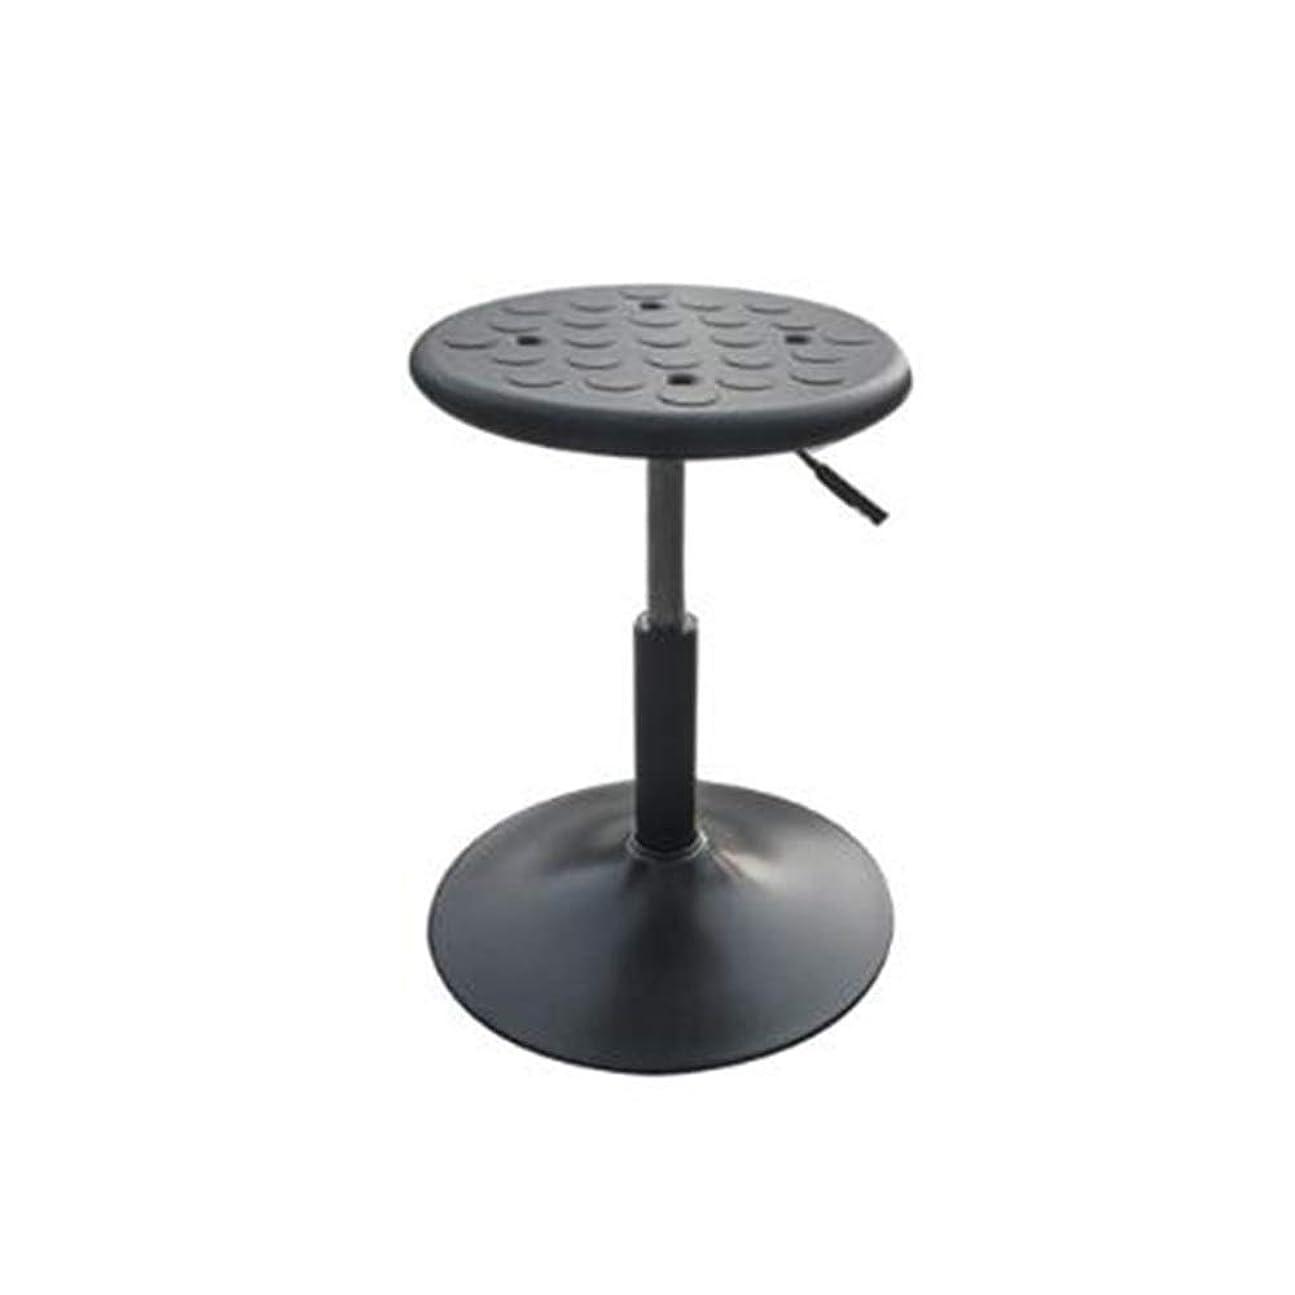 ミュウミュウ原始的なセールスマンFEIFEI 家およびオフィスのための回転スツールの椅子のオフィスの高さの調節可能な円形のスツール - 33×33×40-50cm